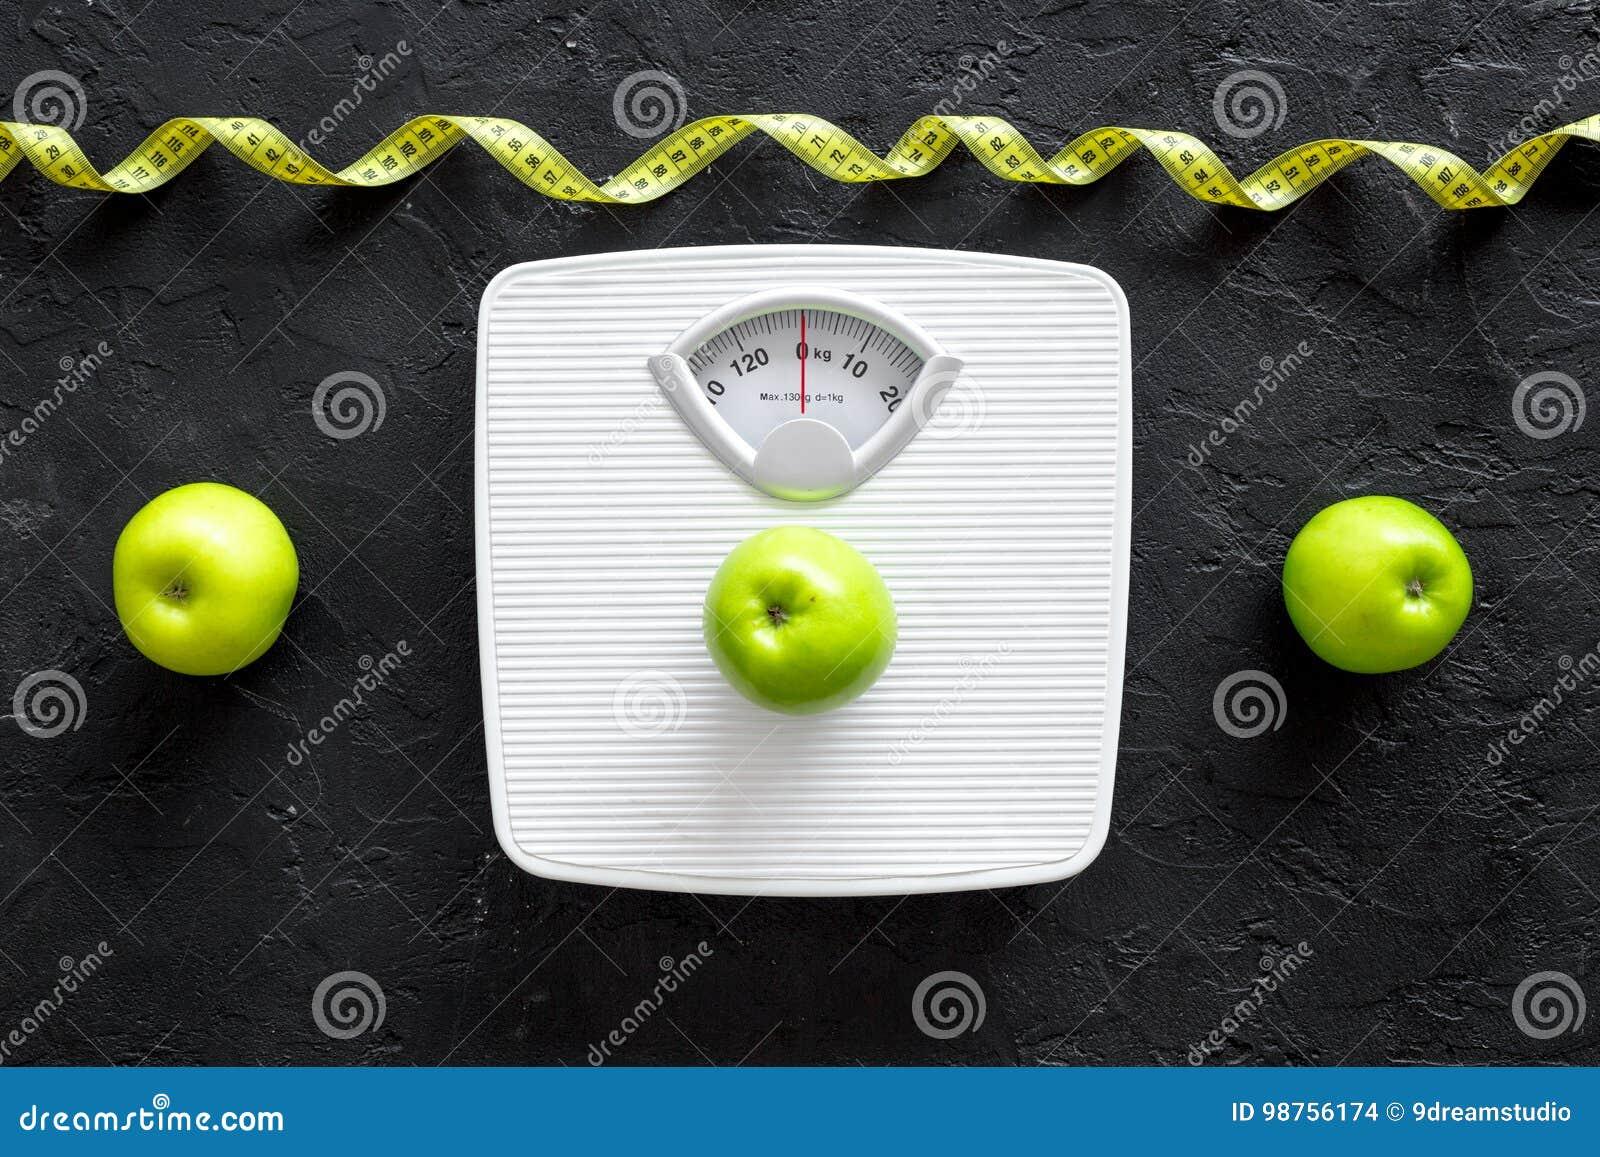 πράσινος έννοιας δεσμών σπαραγγιού που απομονώνεται χάνει το βάρος ταινιών Κλίμακα λουτρών, που μετρά την ταινία, μήλα στη μαύρη